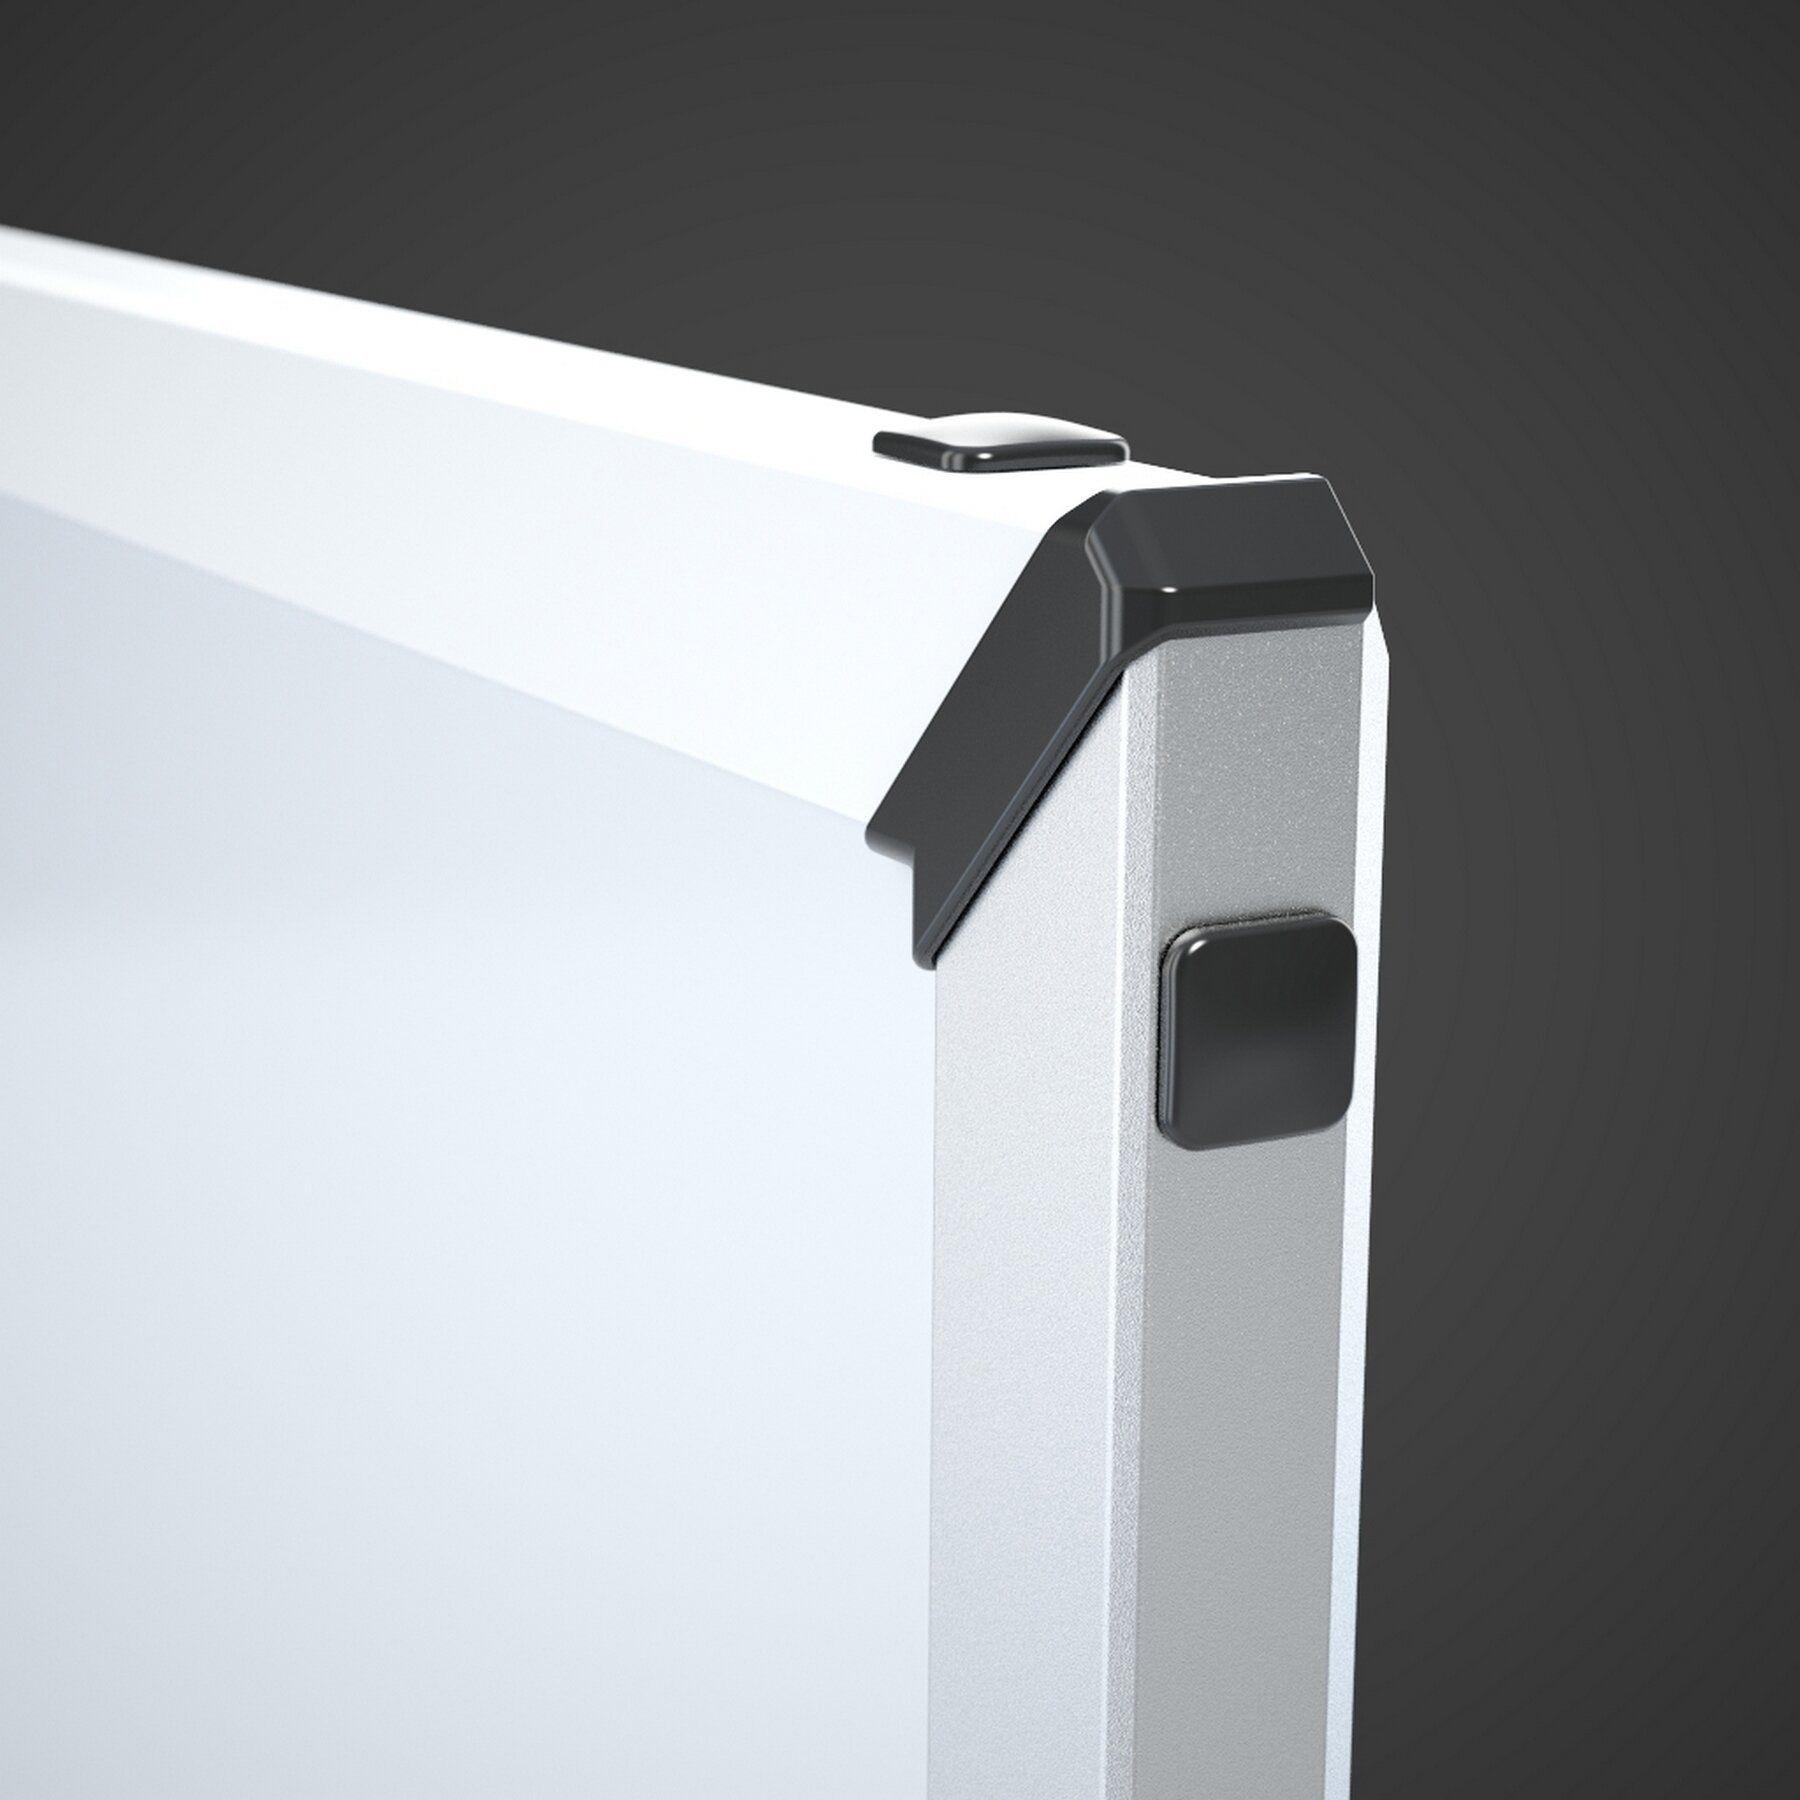 Доска белая магнитная сухостираемая StarBoard 60*90см., алюминиевая рамка, лак 2x3 - фото 5